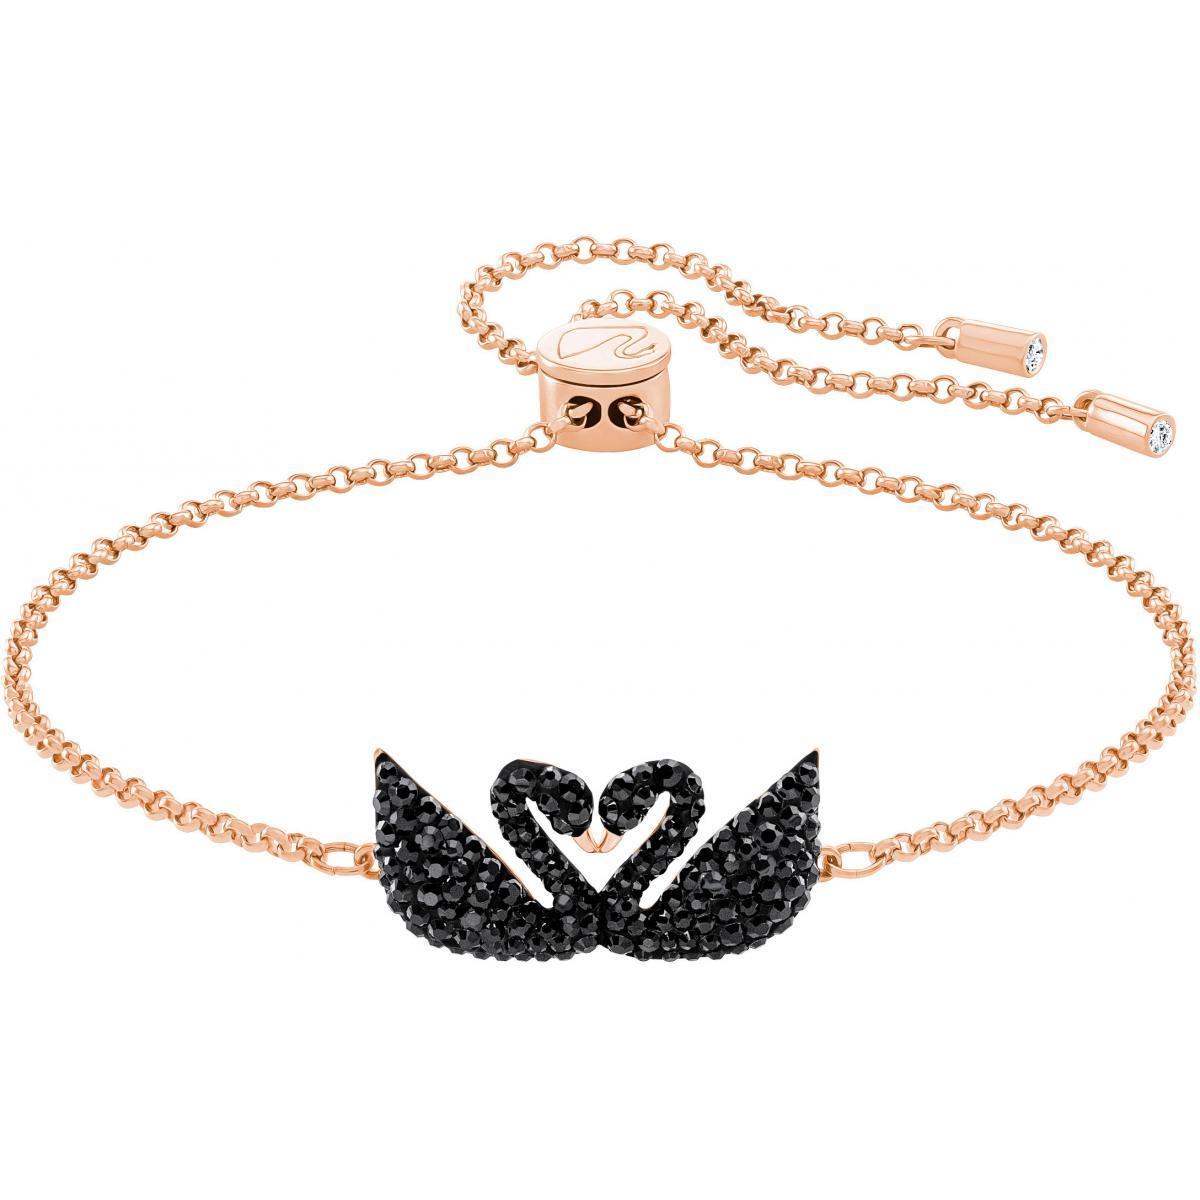 Bracelet Swarovski 5344132 - Bracelet Cristaux Swarovski doré rose Femme